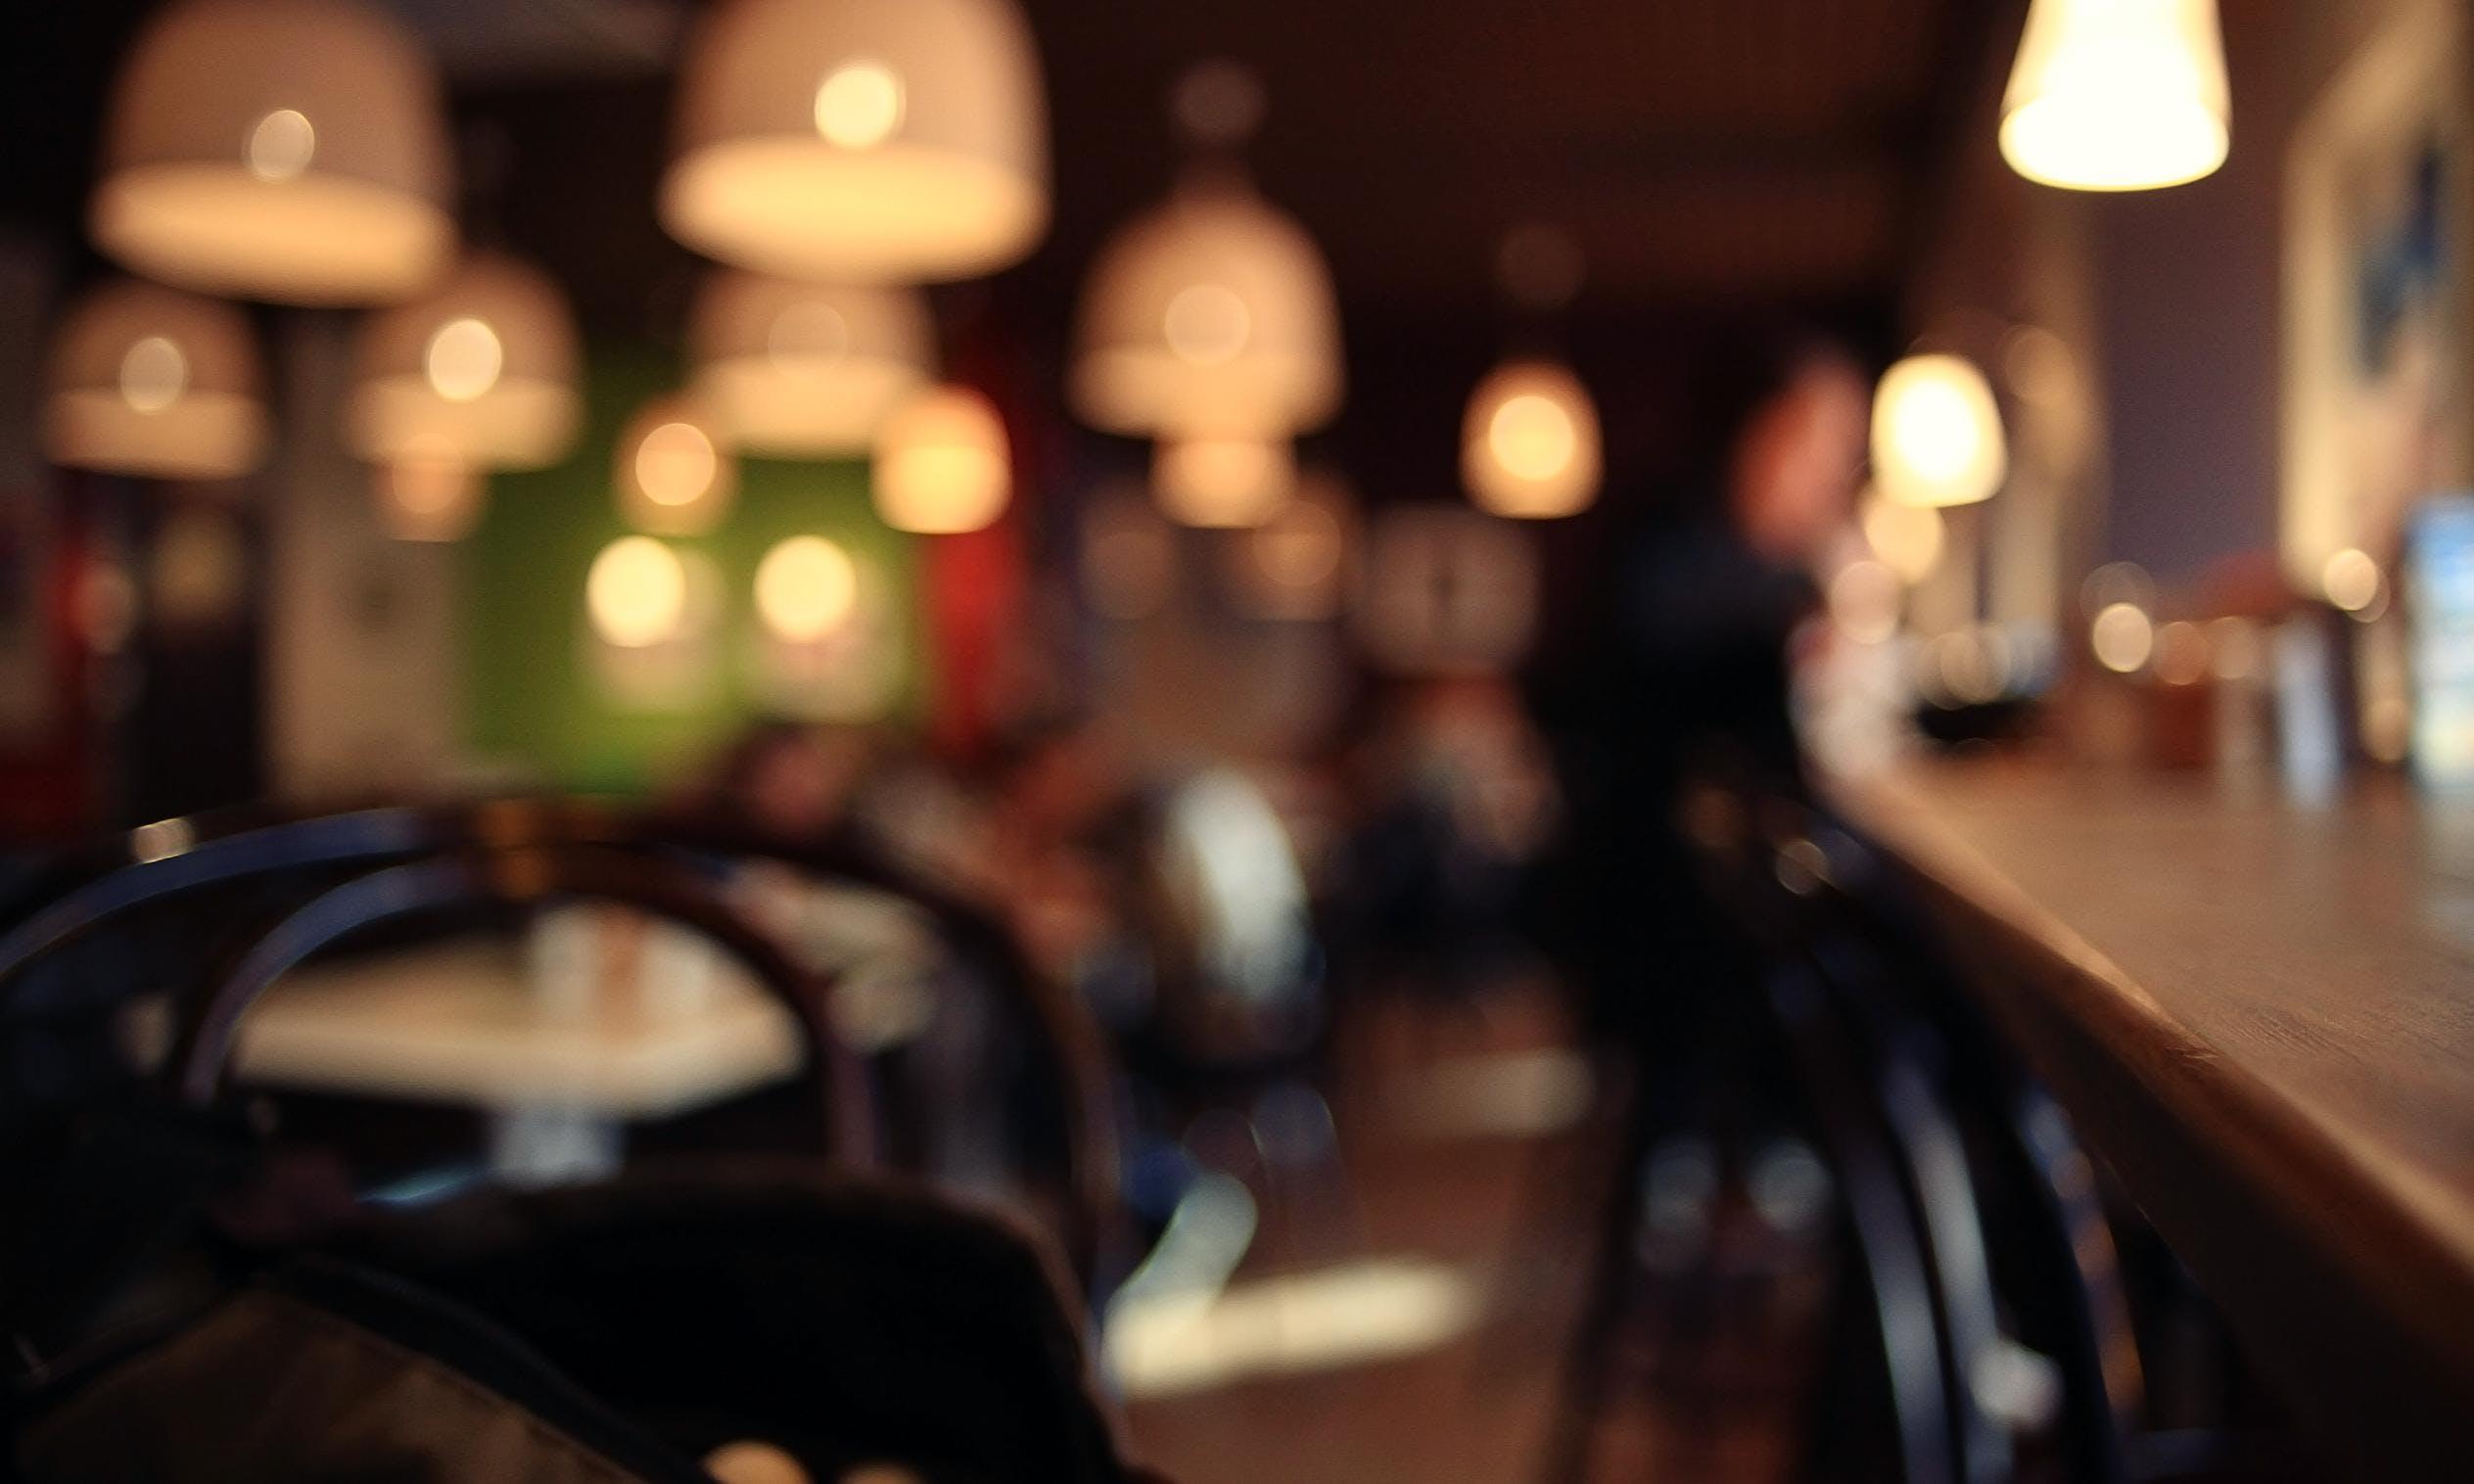 要隨時都有位置、還要好吃又好喝:大叔的餐酒館口袋名單